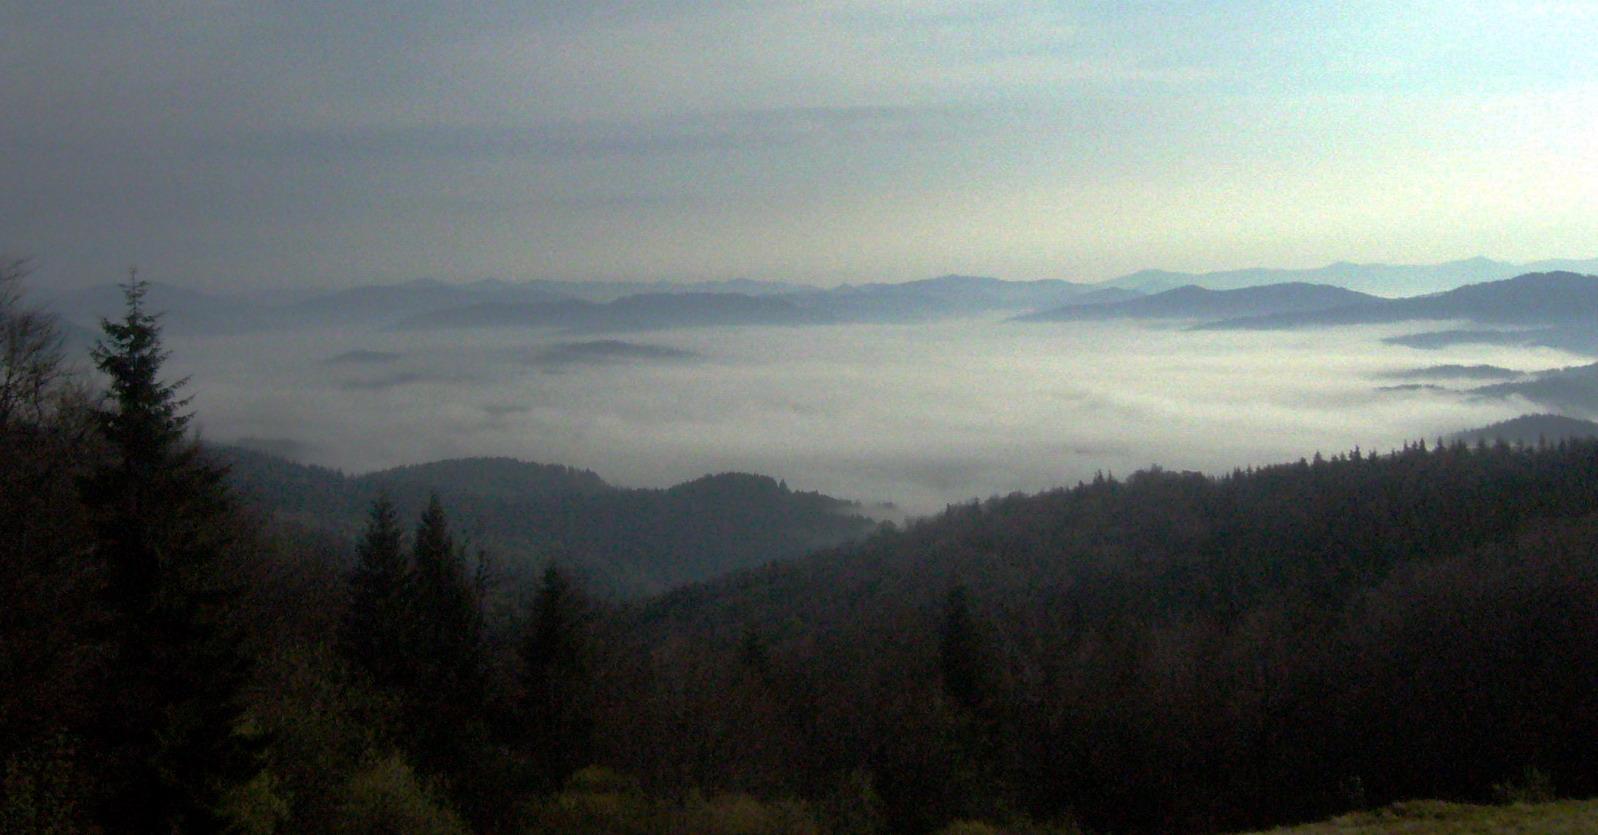 Карпатские горные хребты в утреннем тумане - вид с горы Станеша. Пейзаж.